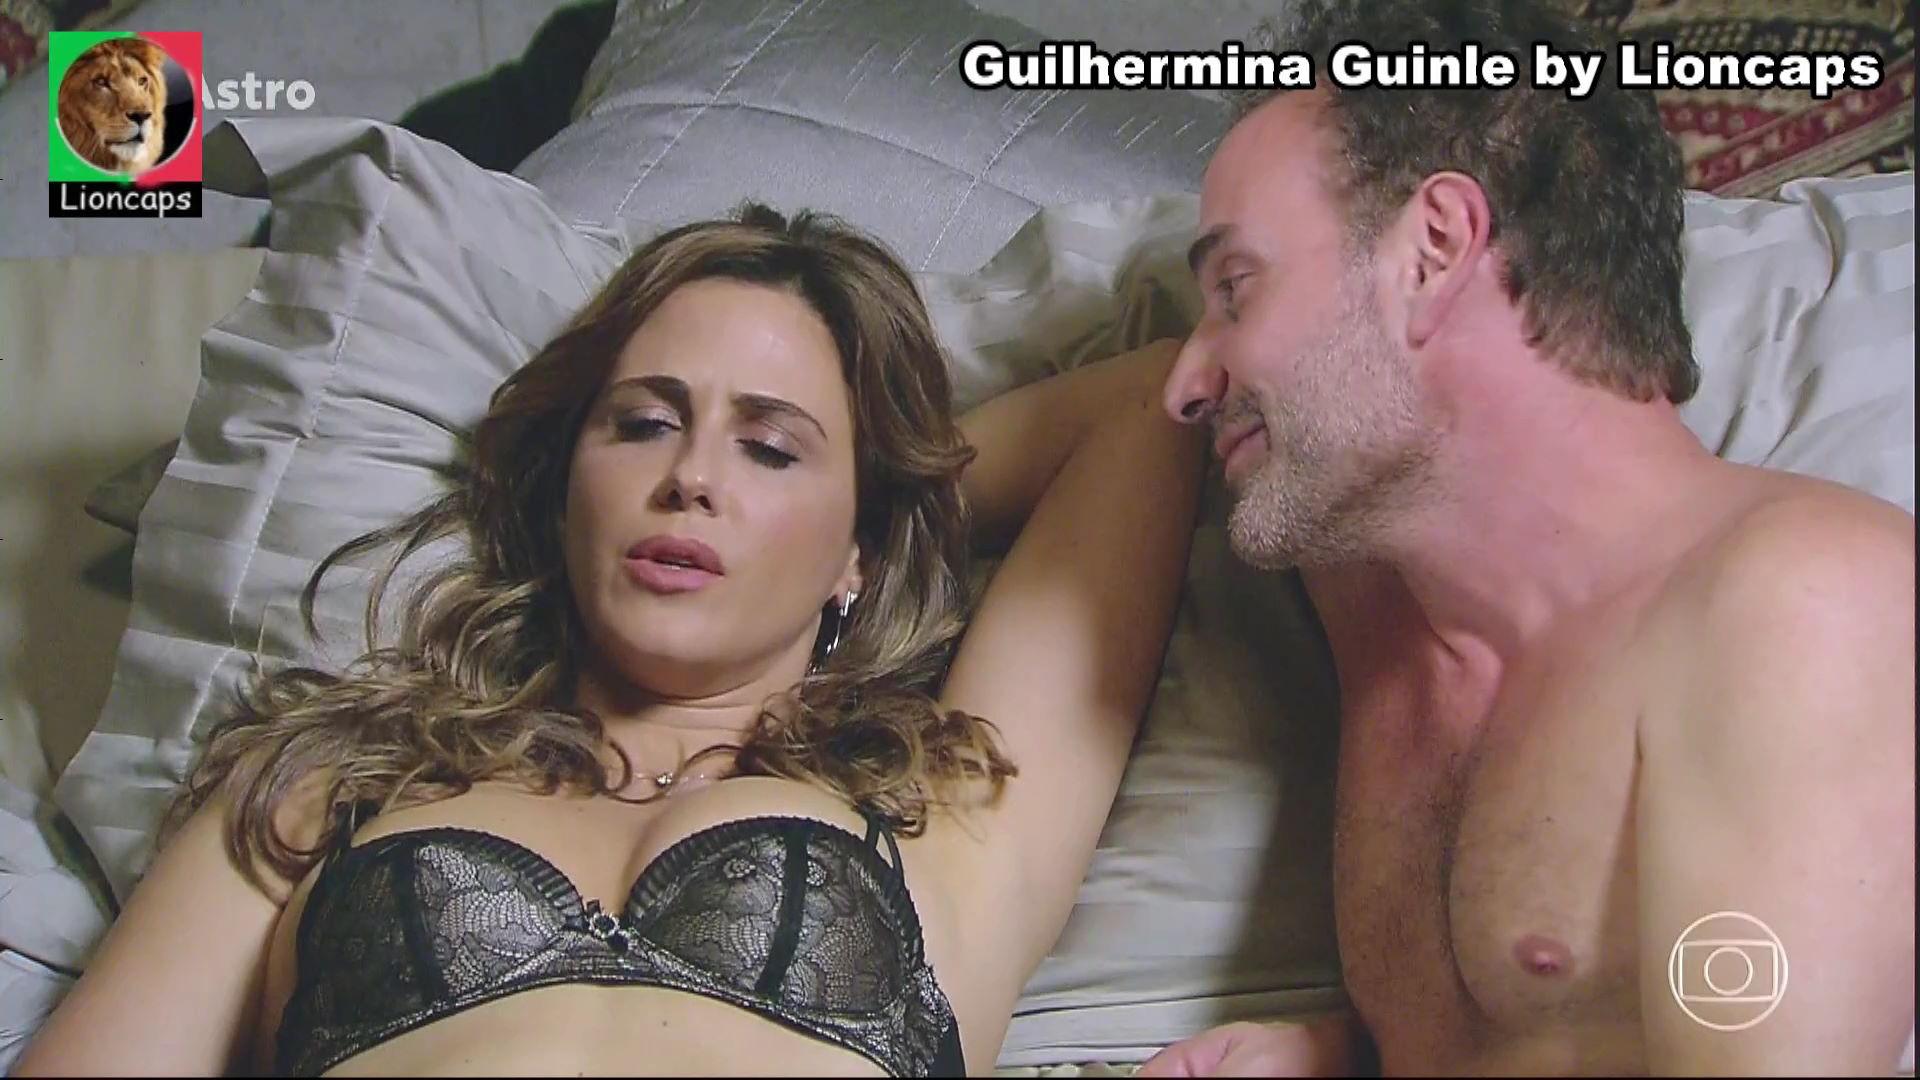 820619832_guilhermina_guinle_vs190502_0294_122_490lo.JPG